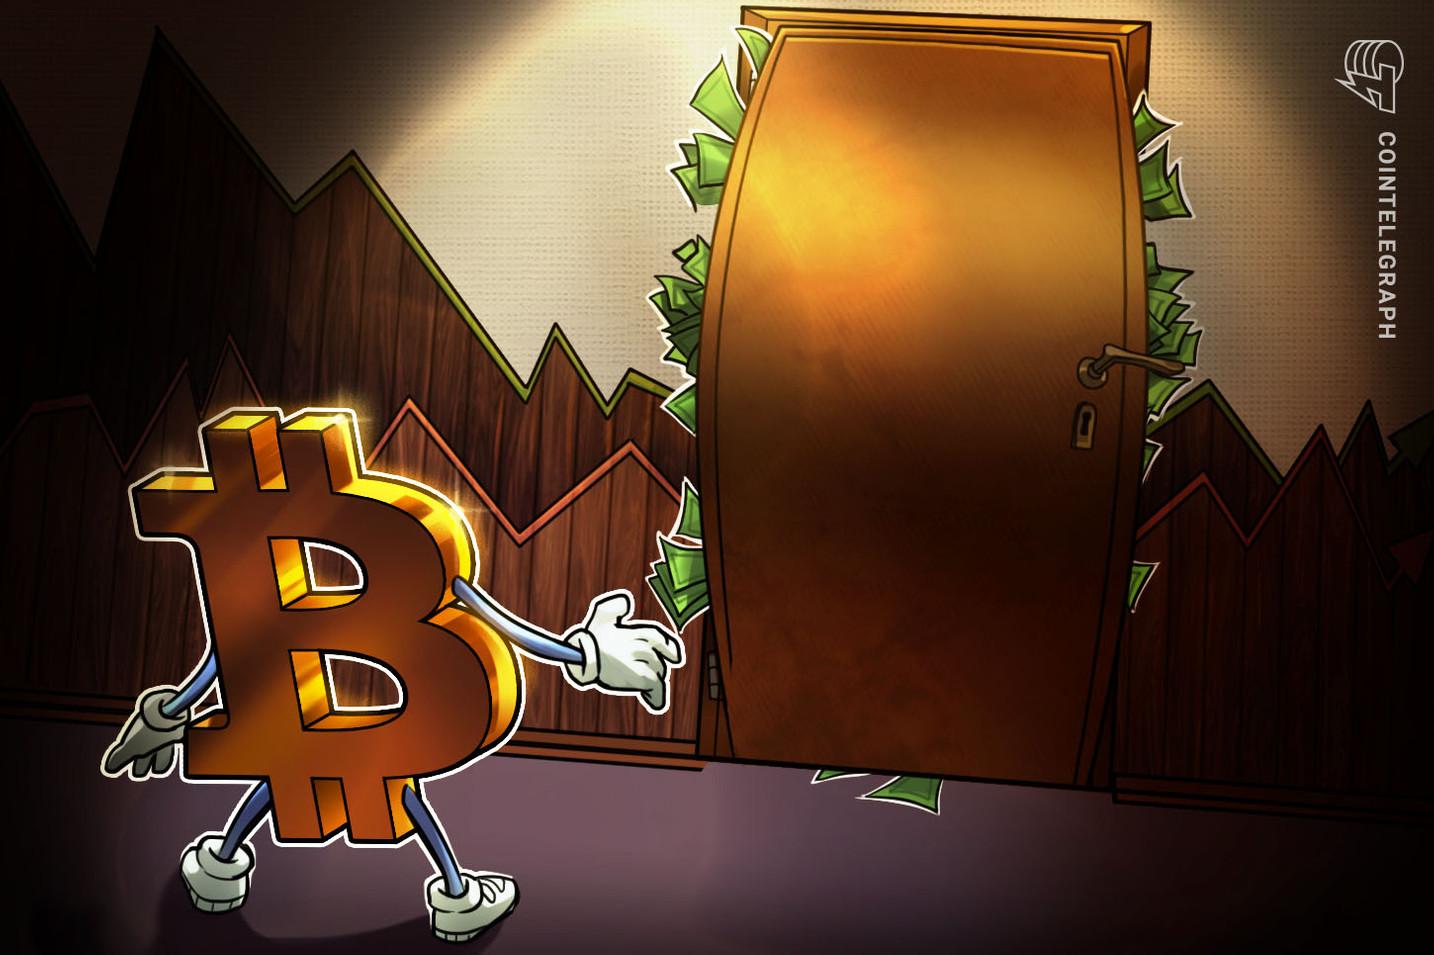 El precio de Bitcoin enfrenta su última zona de resistencia antes de los 15,000 dólares